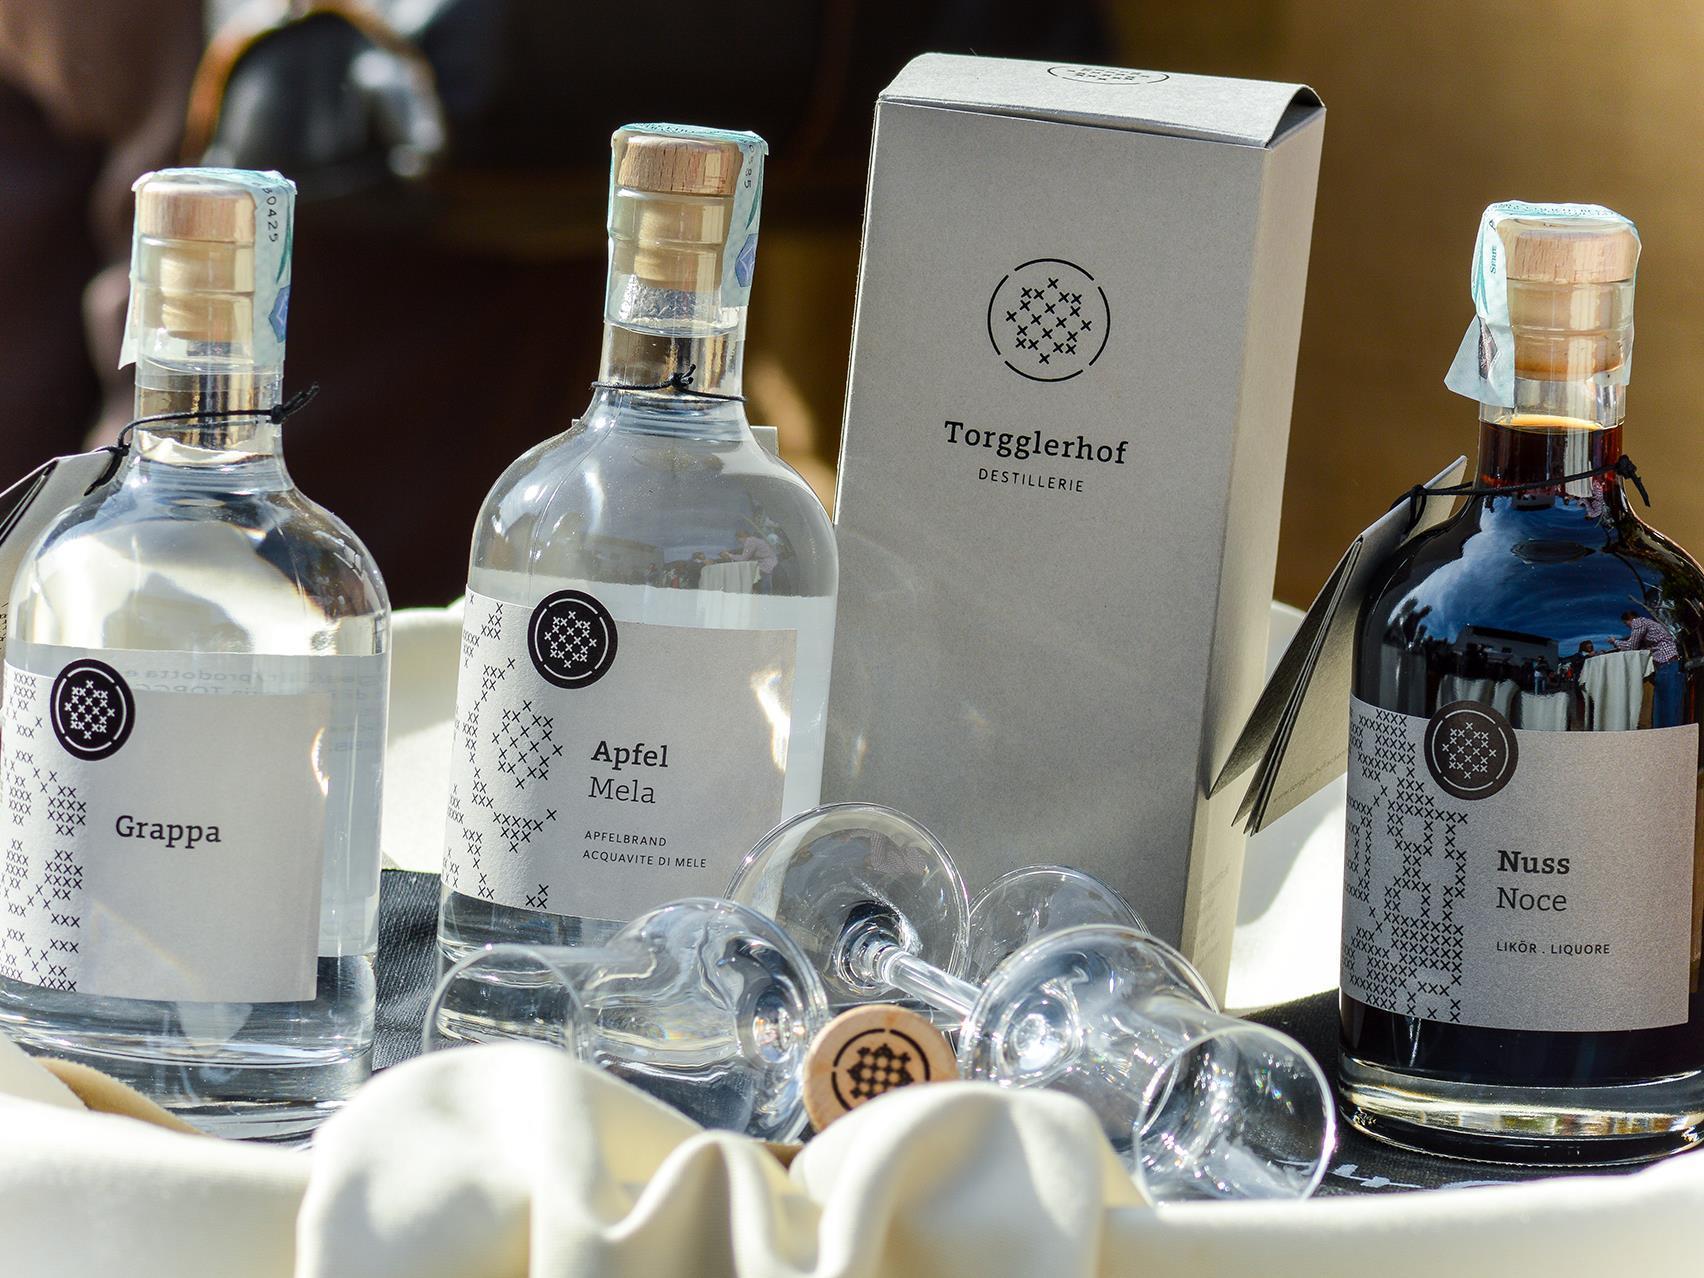 Degustazione di distillati nella storica cantina della tenuta Torgglerhof